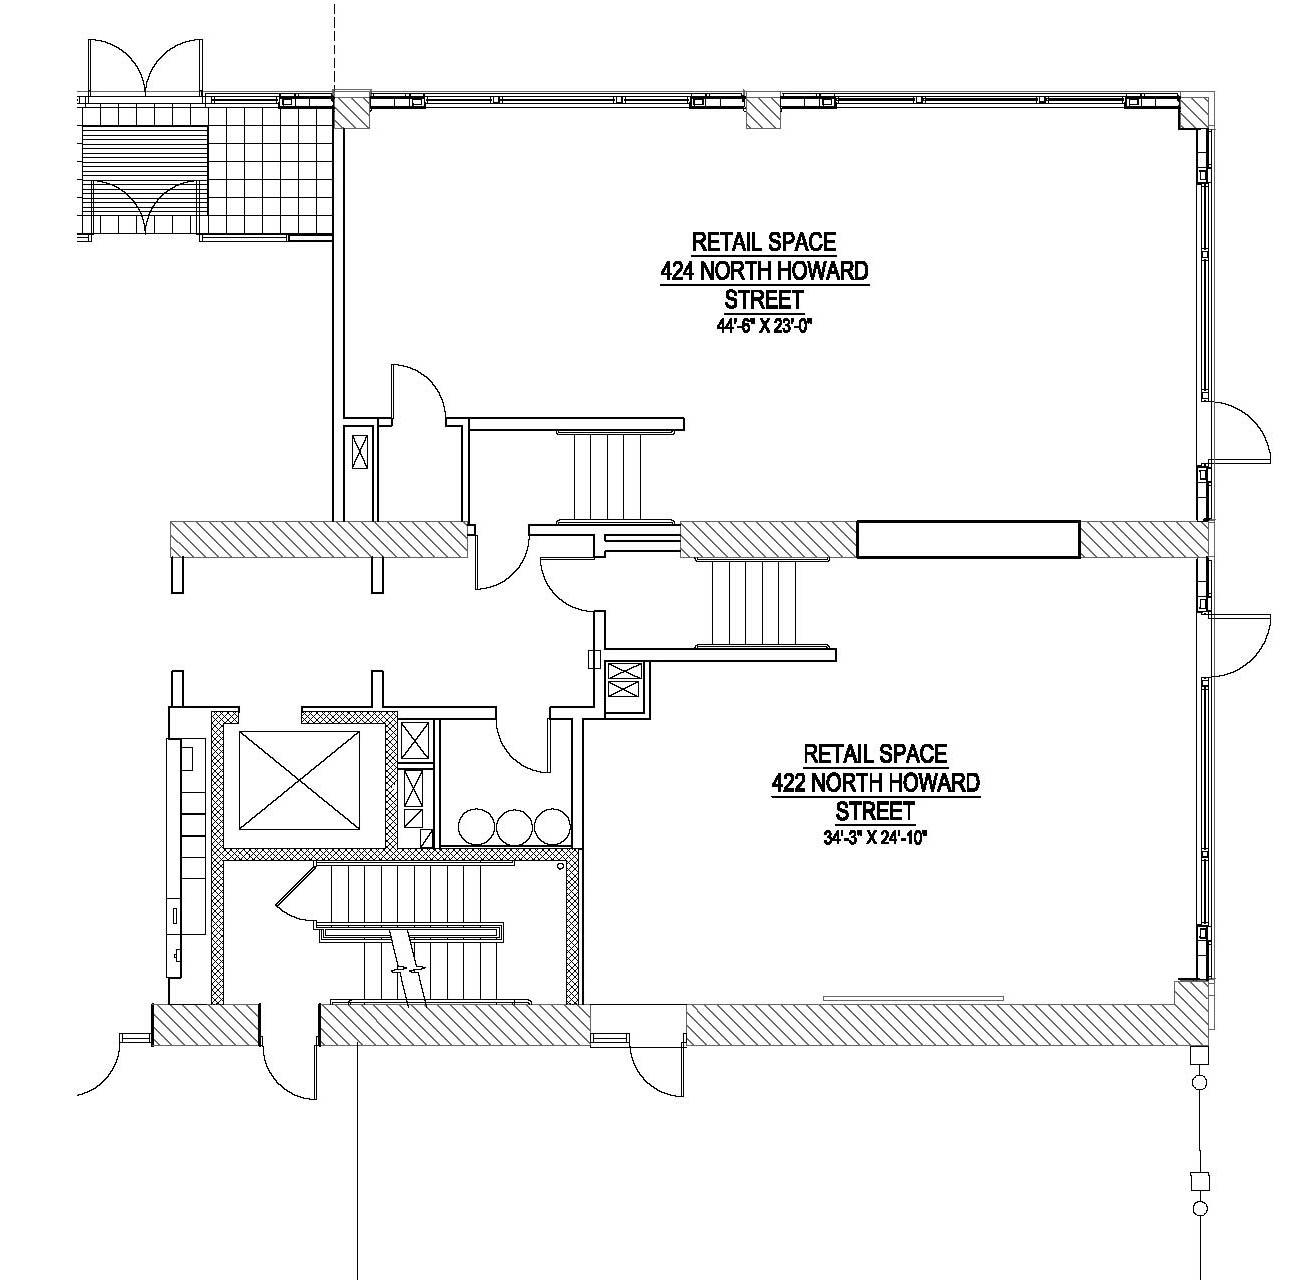 Floor: 1 111 Floor Plan